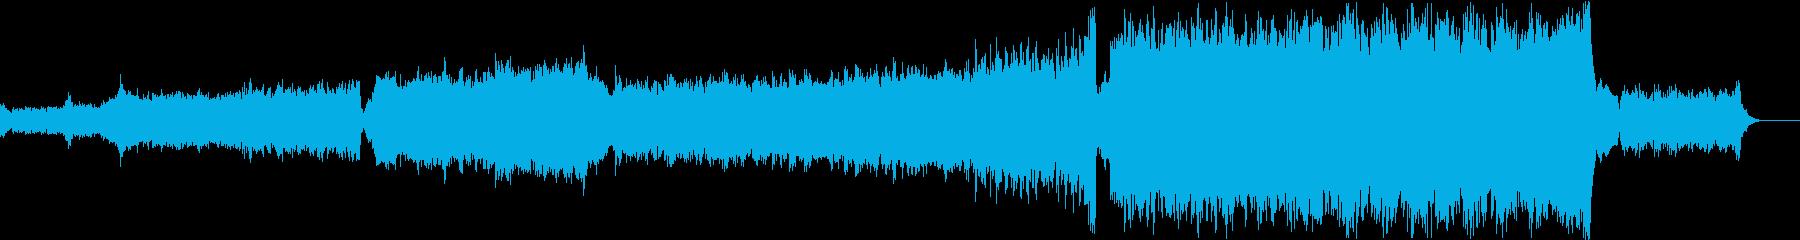 近未来、感動、ハイブリッドオーケストラの再生済みの波形